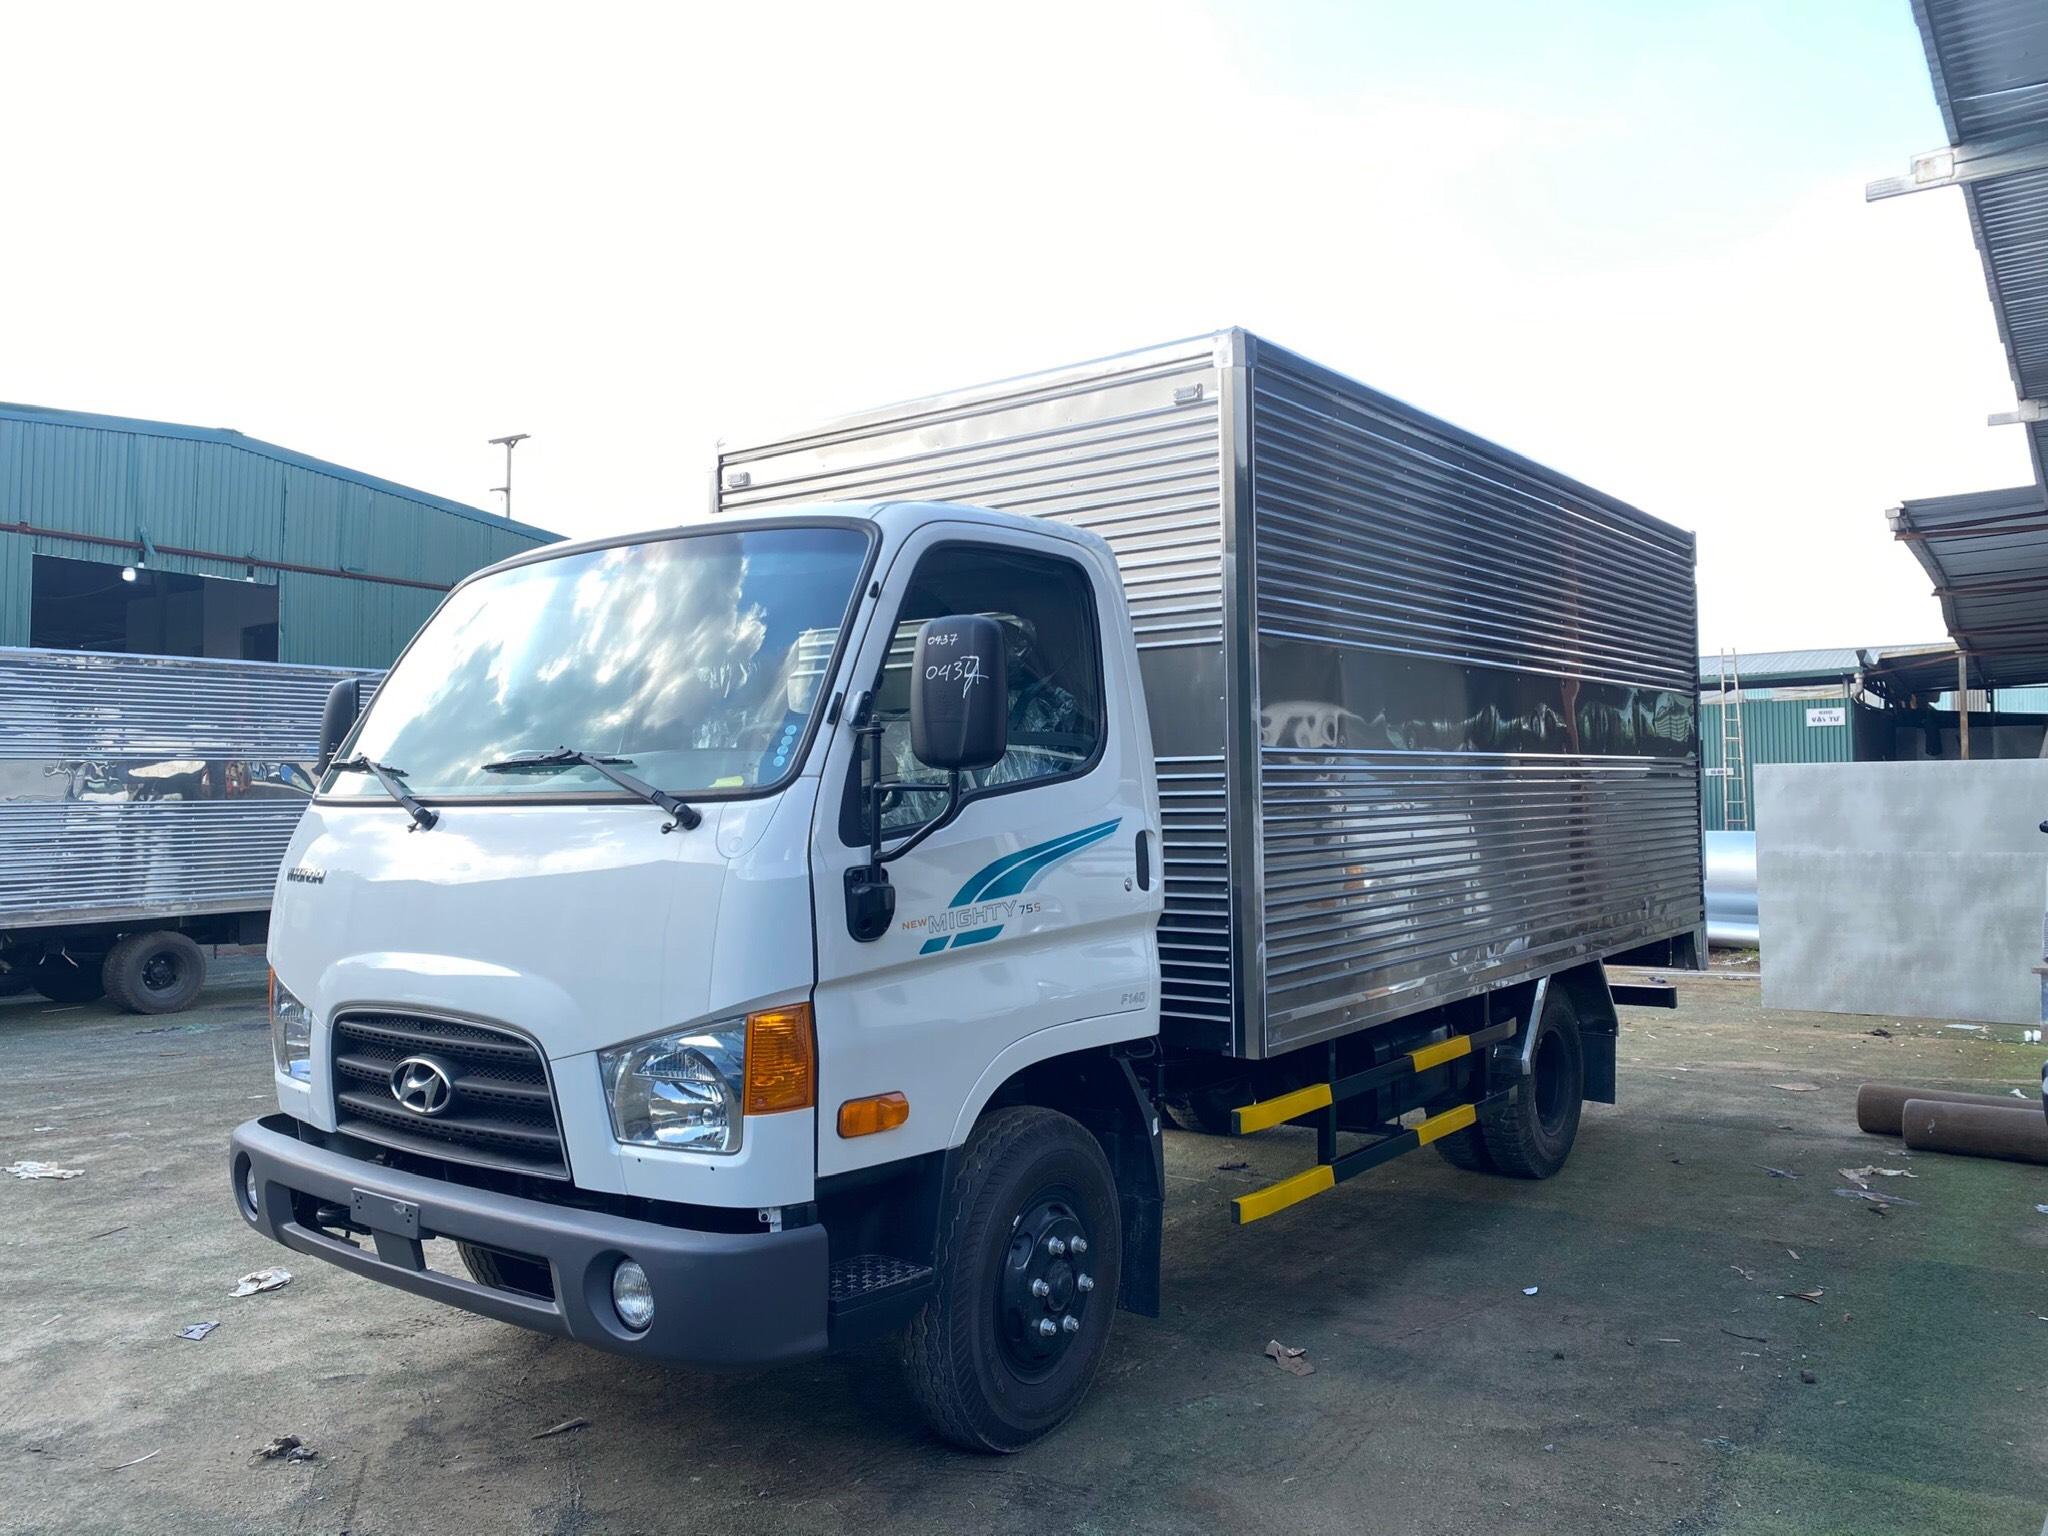 Bán xe tải Hyundai 75S tại Thanh Hóa